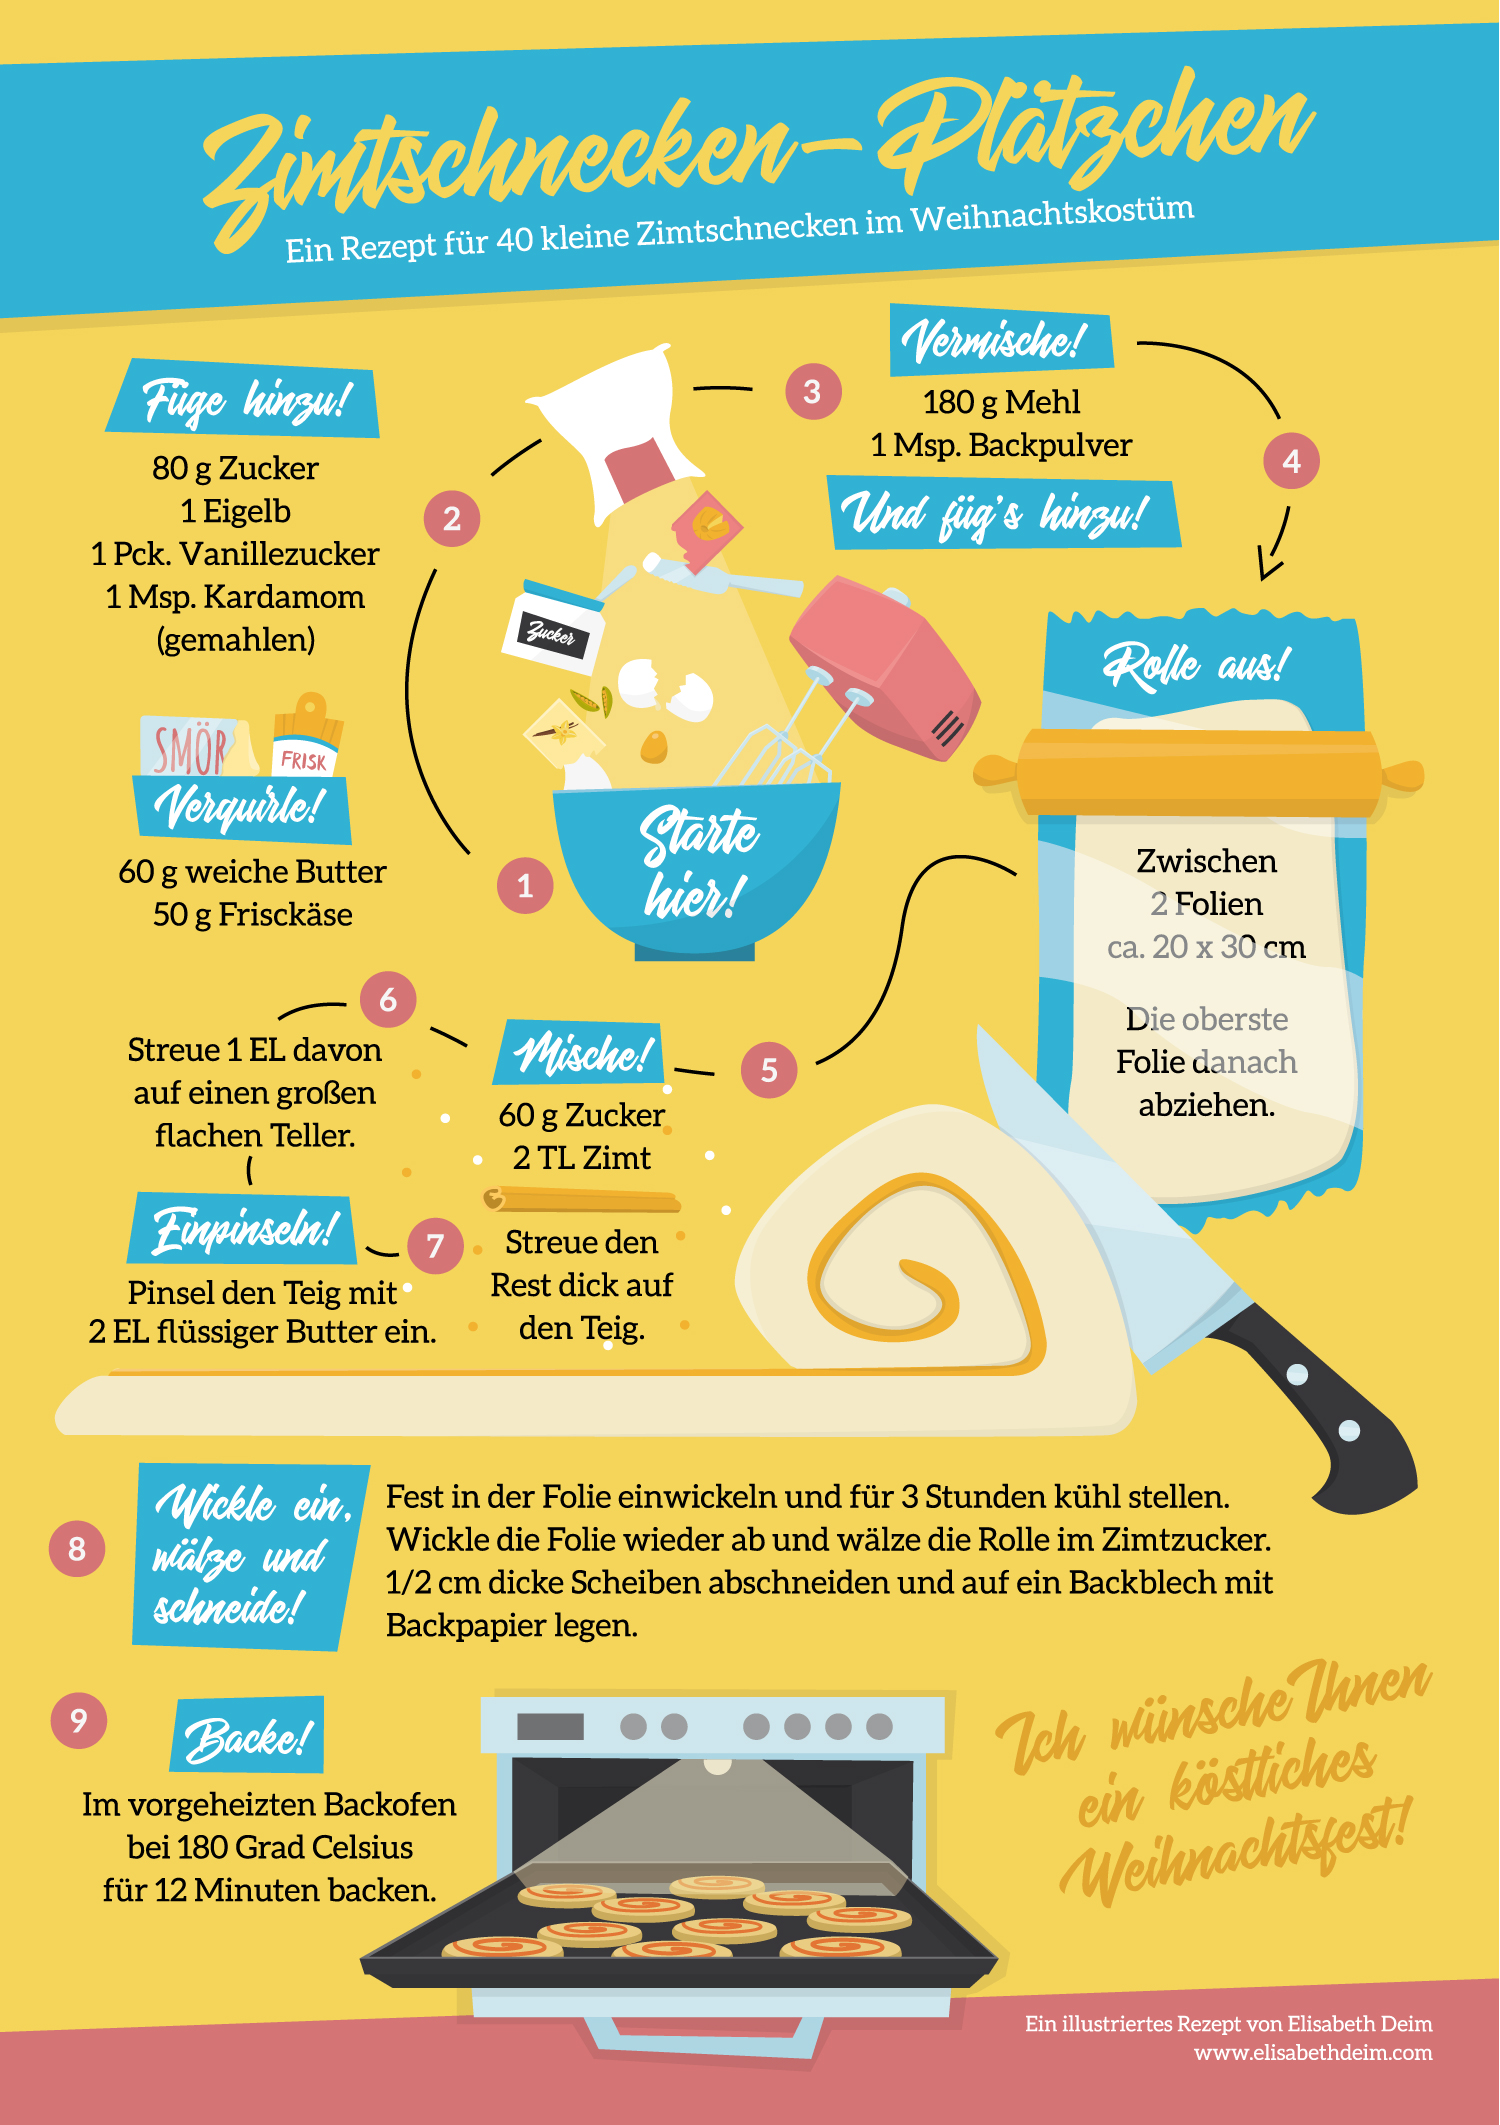 infografik-zimt-schnecken-plaetzchen-rezept-elisabeth-deim.jpg